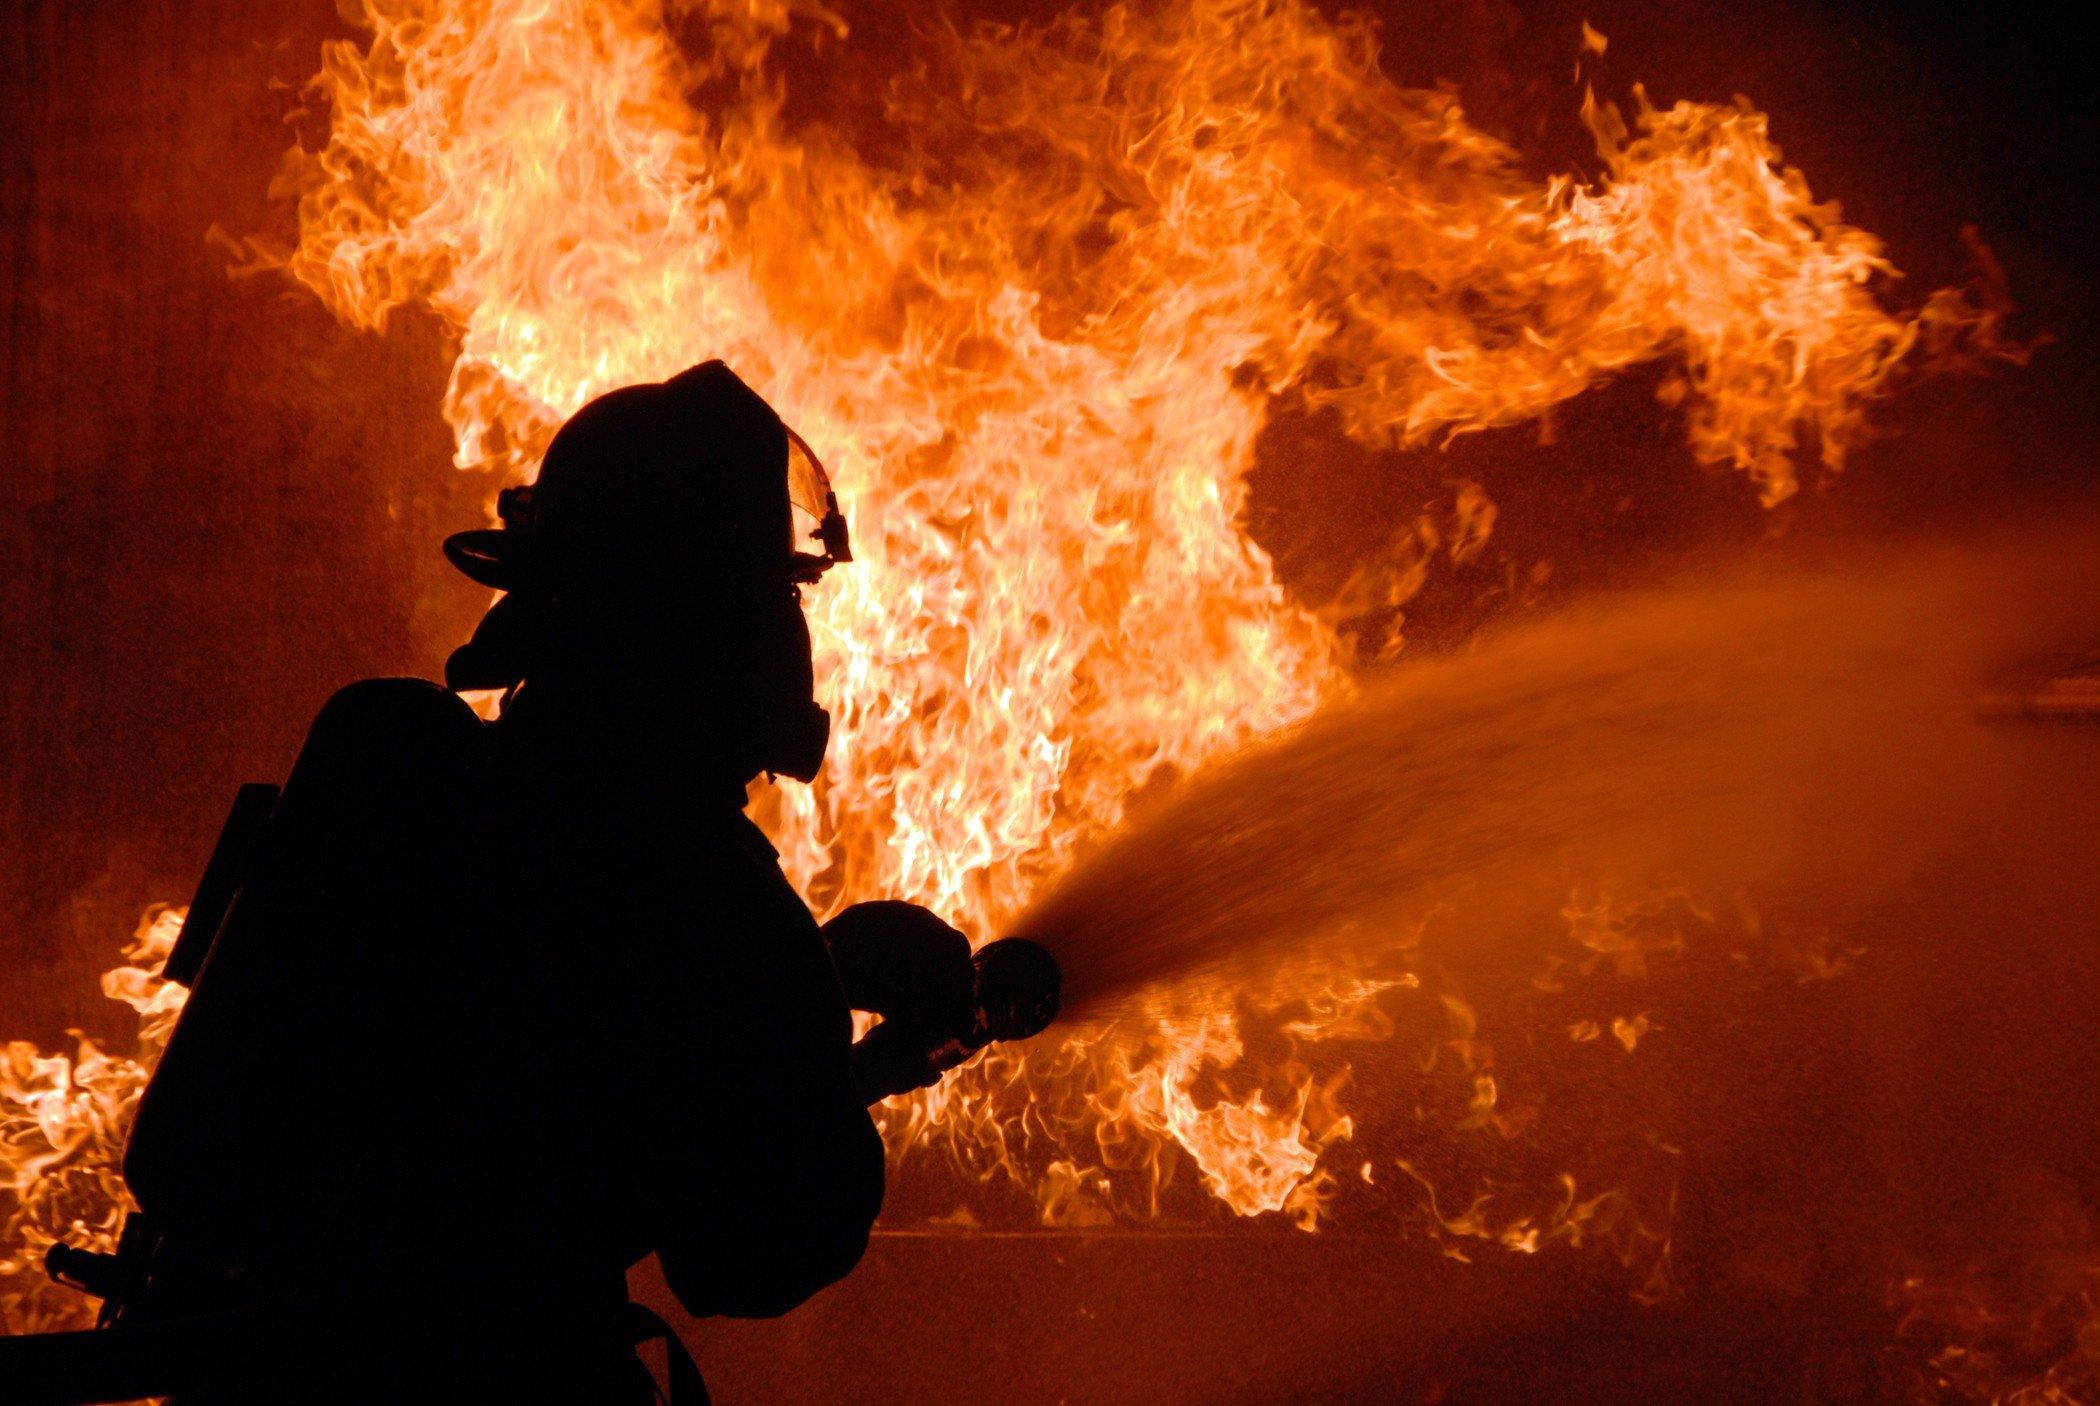 МЧС России совершенствует систему статистического учета пожаров и их последствий